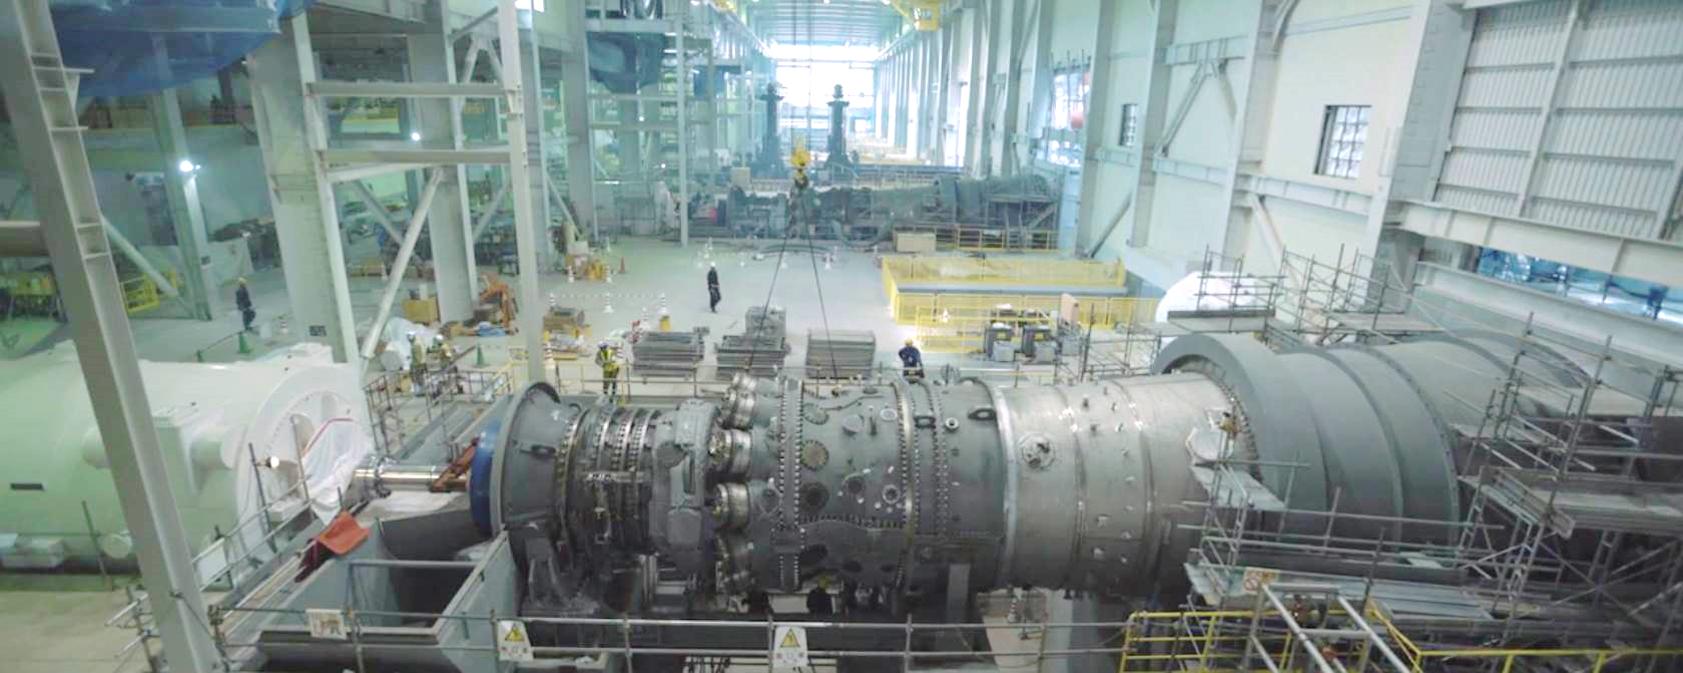 Turbina de gás 7HA da GE na Chubu Electric Nishi-Nagoya (Foto: GE)